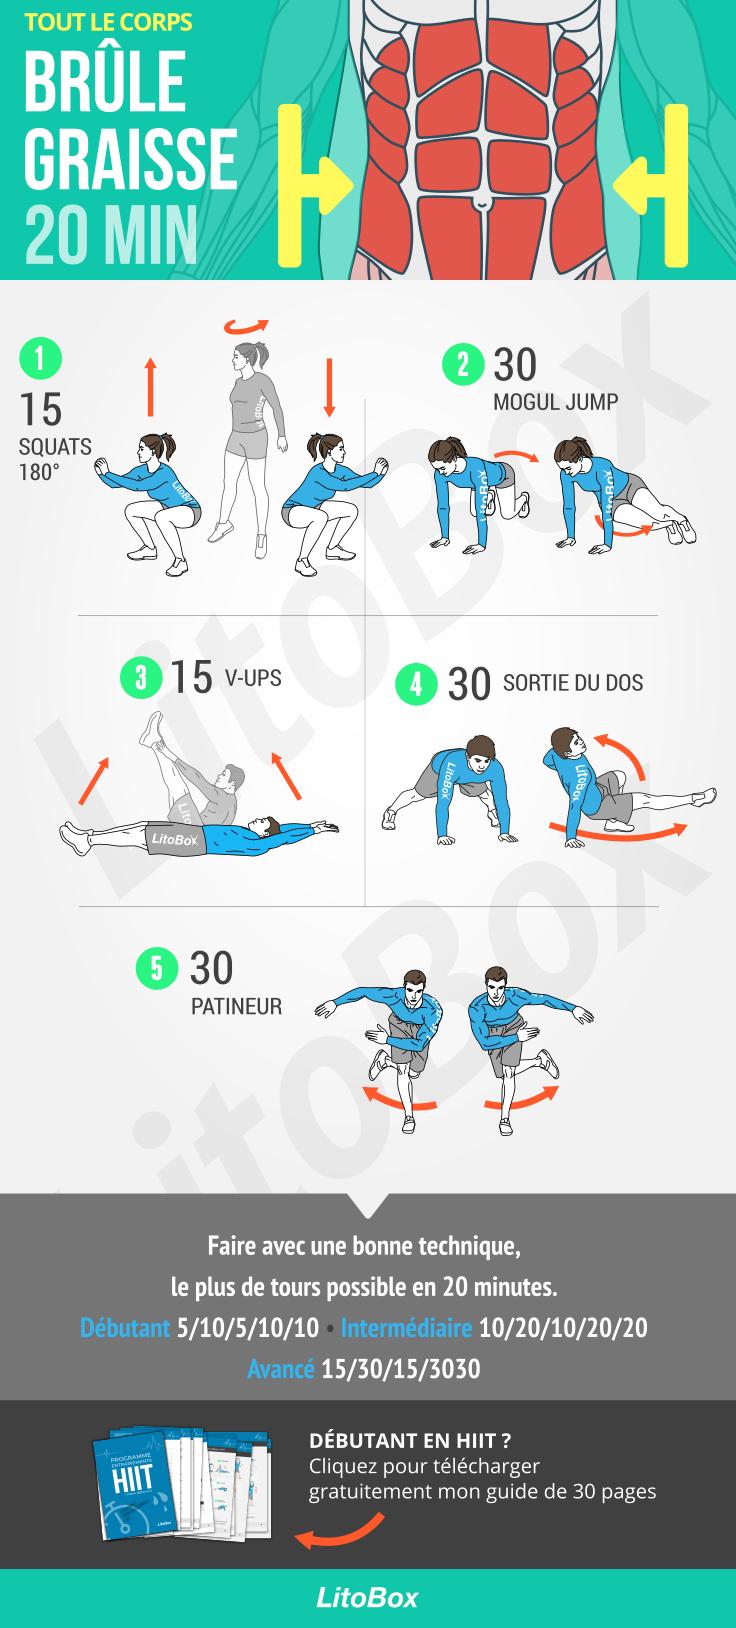 Bruler La Graisse En 20 Minutes A La Maison Pdf Muscler Abdos Exercices De Fitness Entrainement Boxe